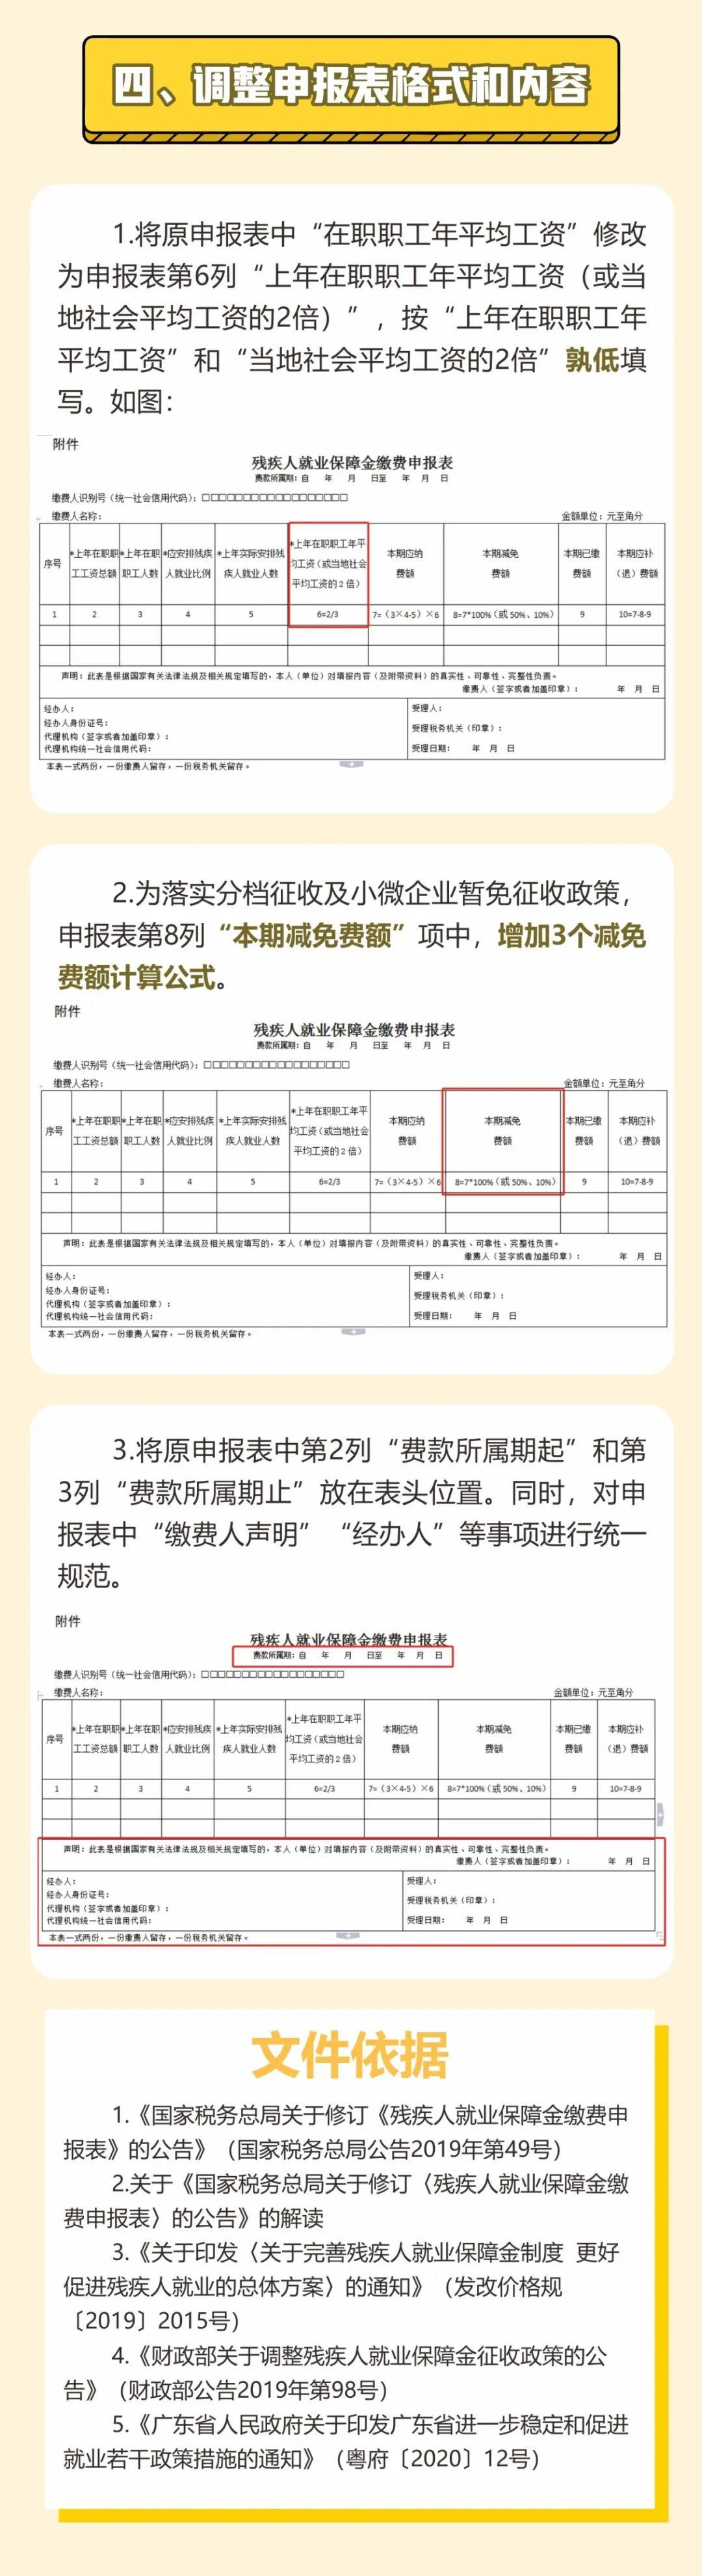 一图看懂2020年广东省残疾人就业保障金征收四大新变化插图(3)